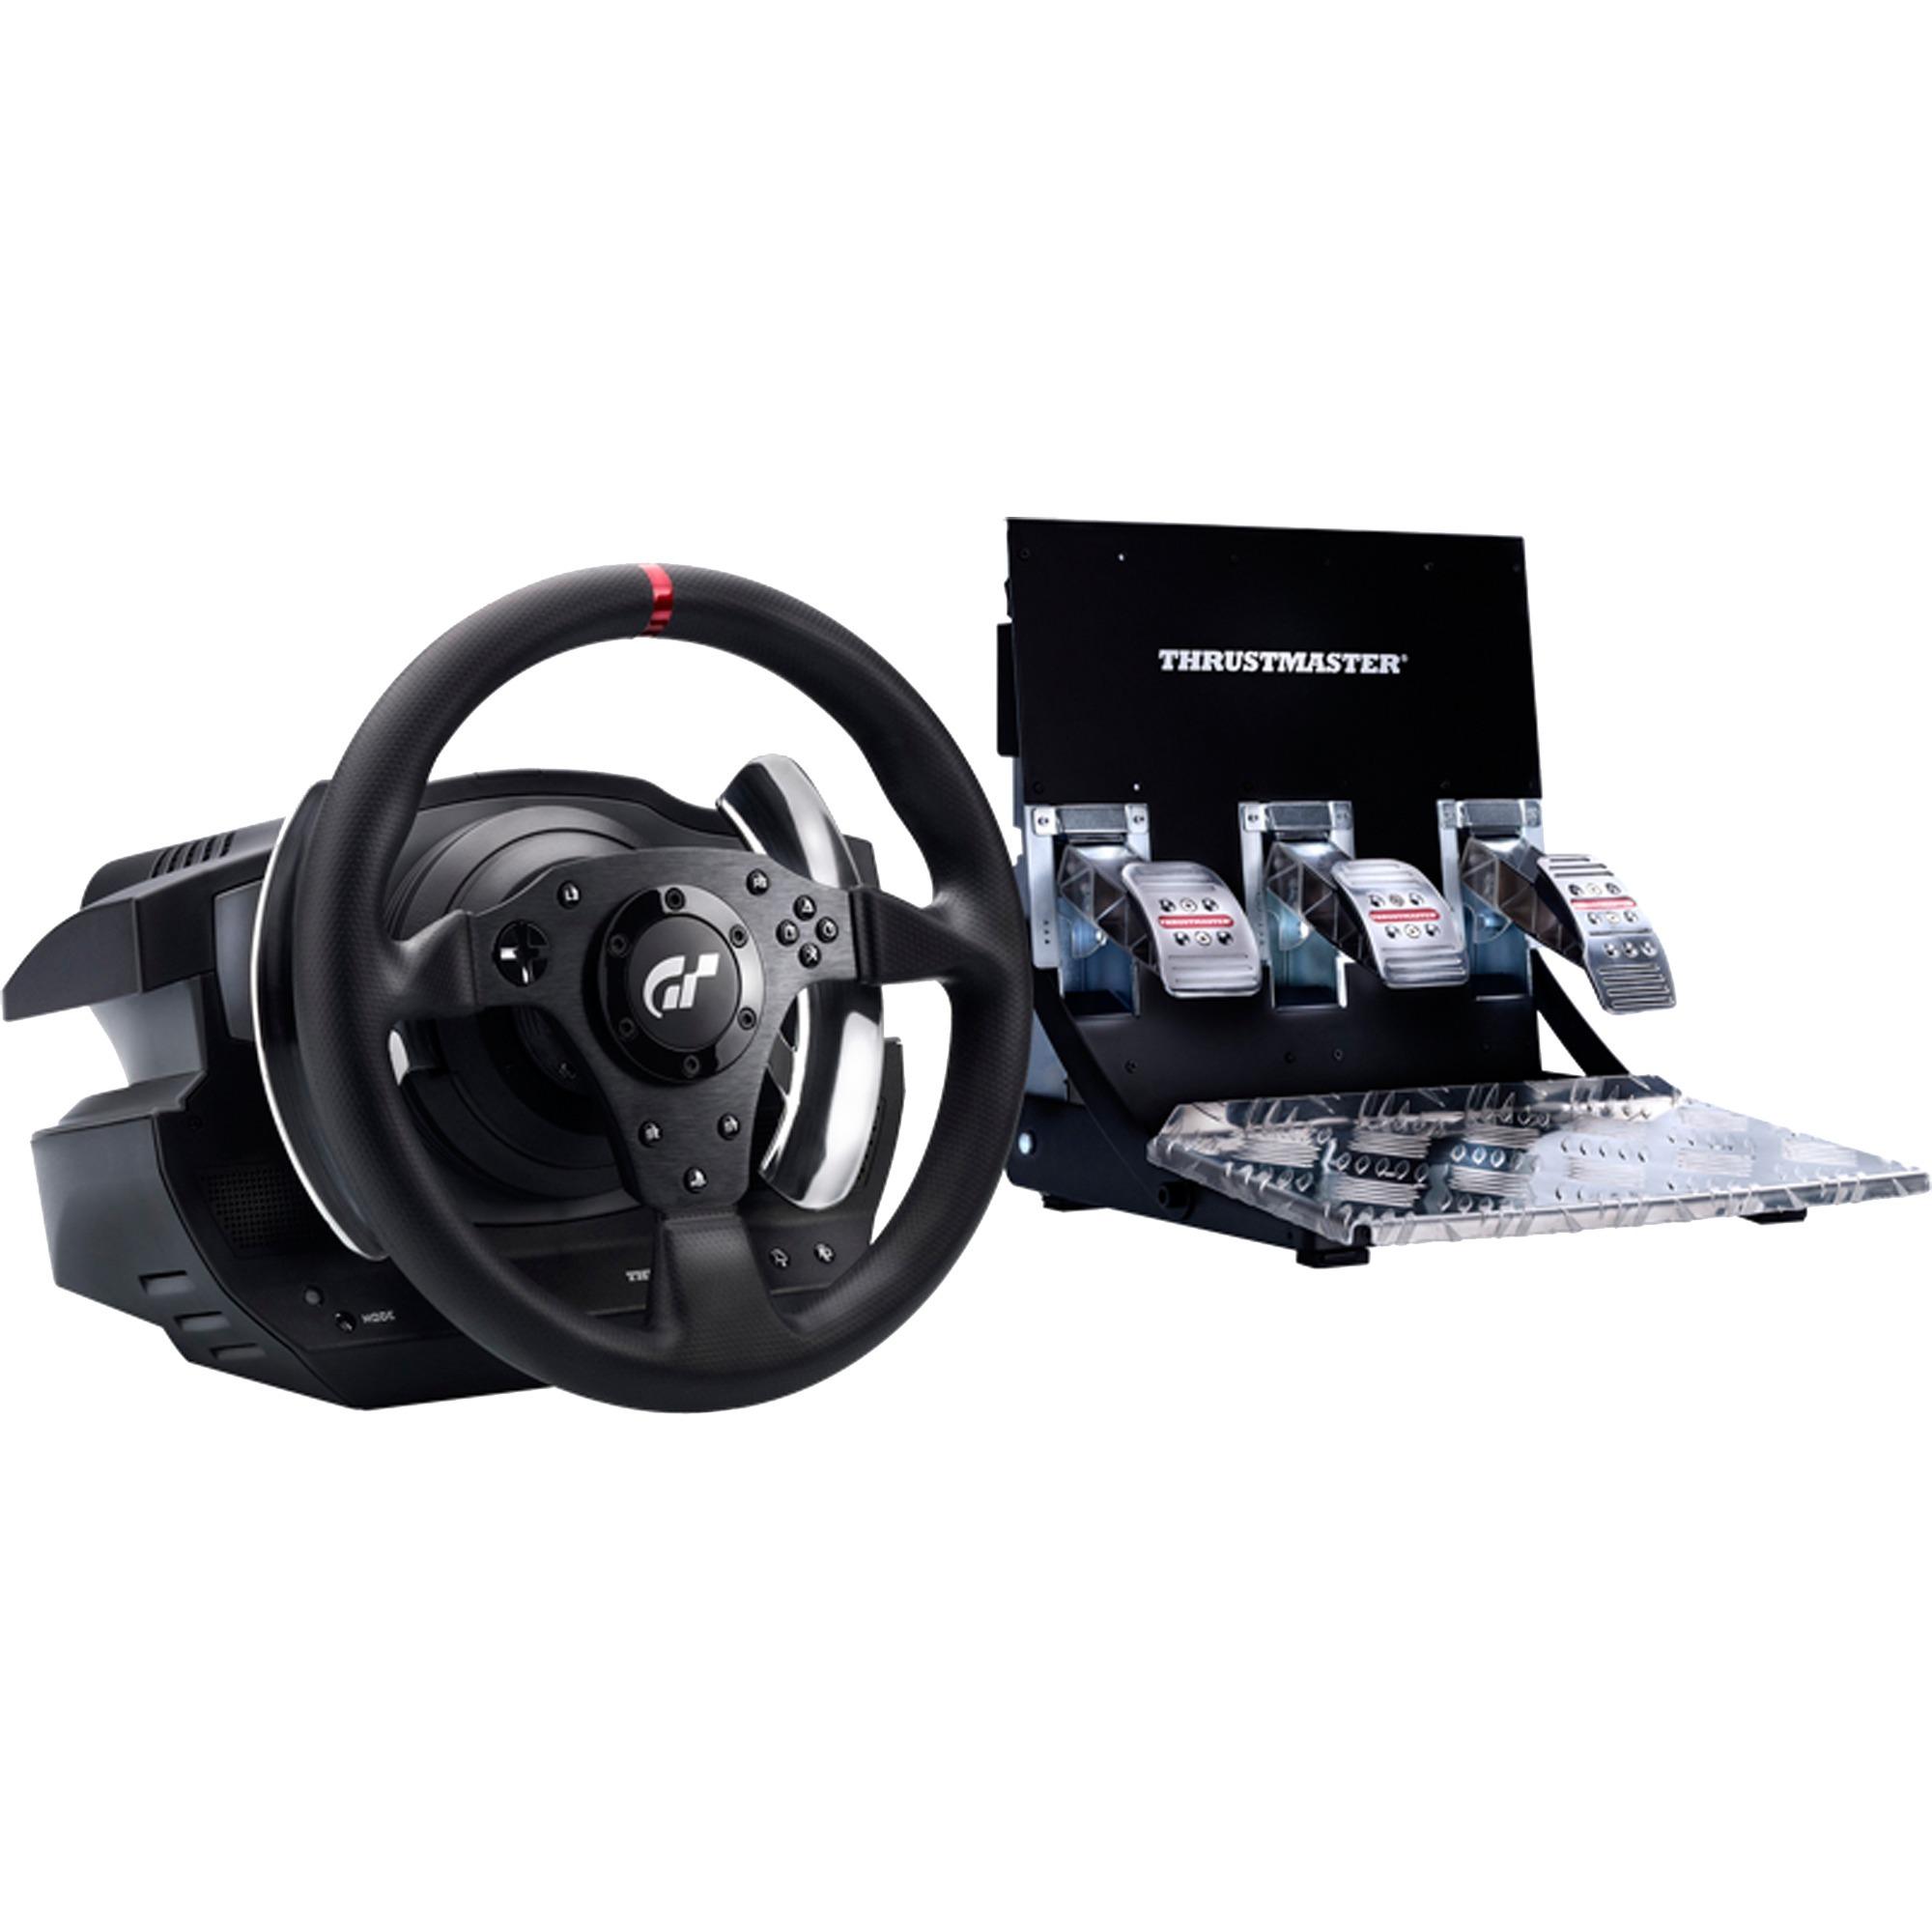 volante ps3 prezzo 28 images thrustmaster volante t300 rs gt edition ps4 prezzi volant. Black Bedroom Furniture Sets. Home Design Ideas